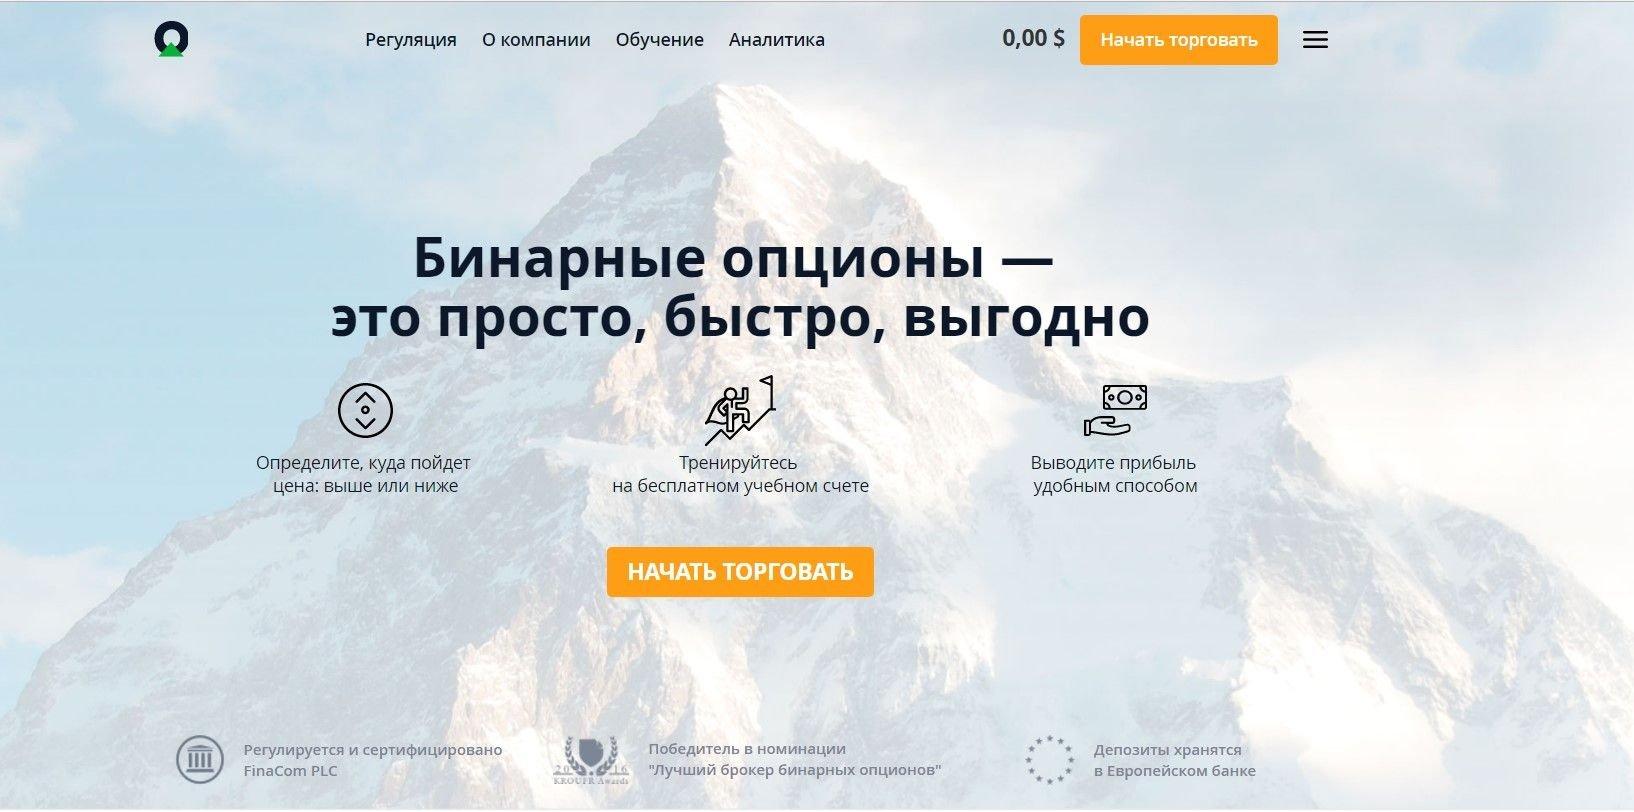 Работа новокузнецк онлайн какой процент зарабатывает на форексе